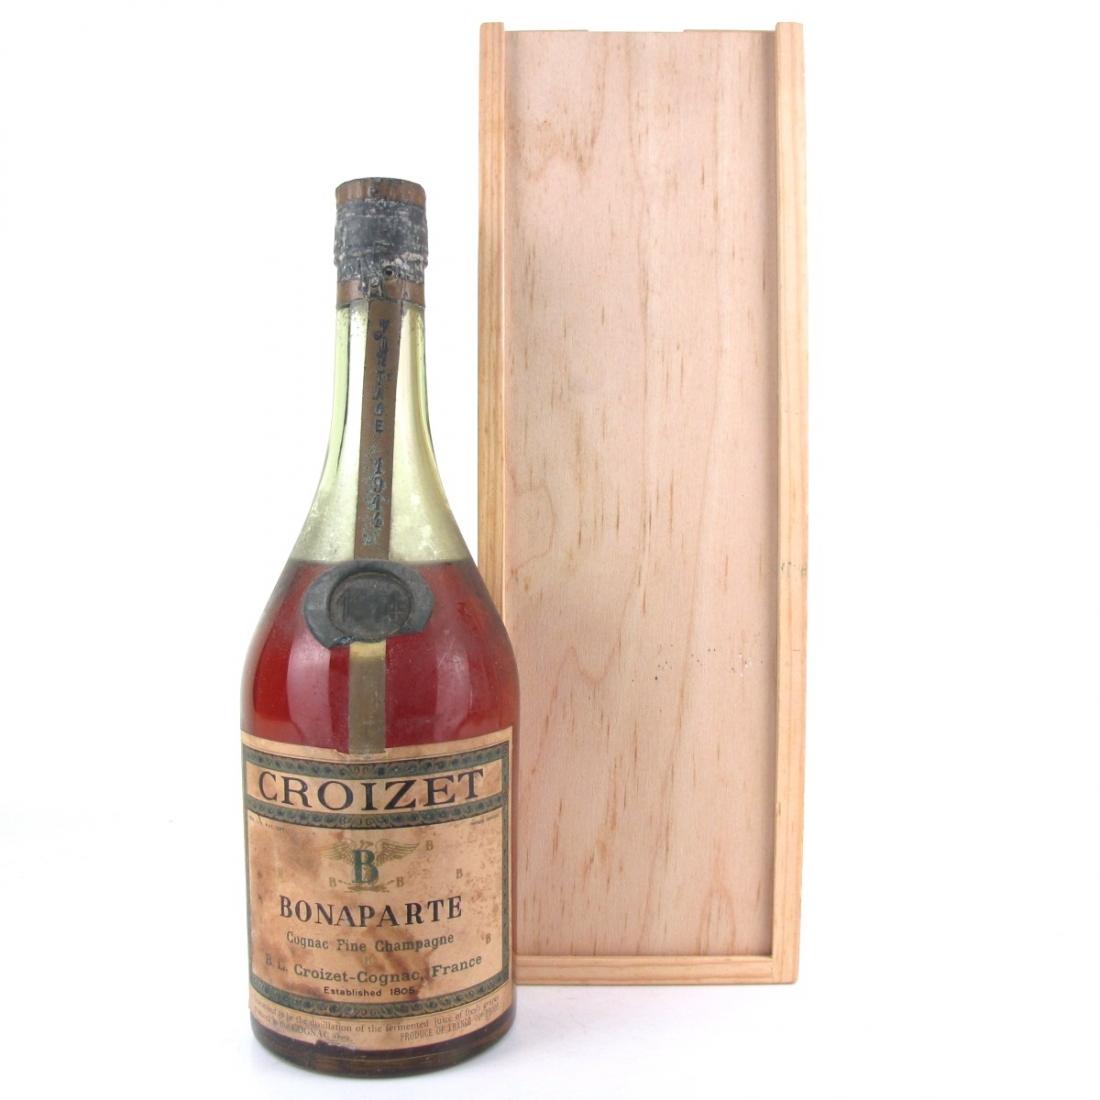 Croizet 1914 Bonaparte 'B' Fine Champagne Cognac